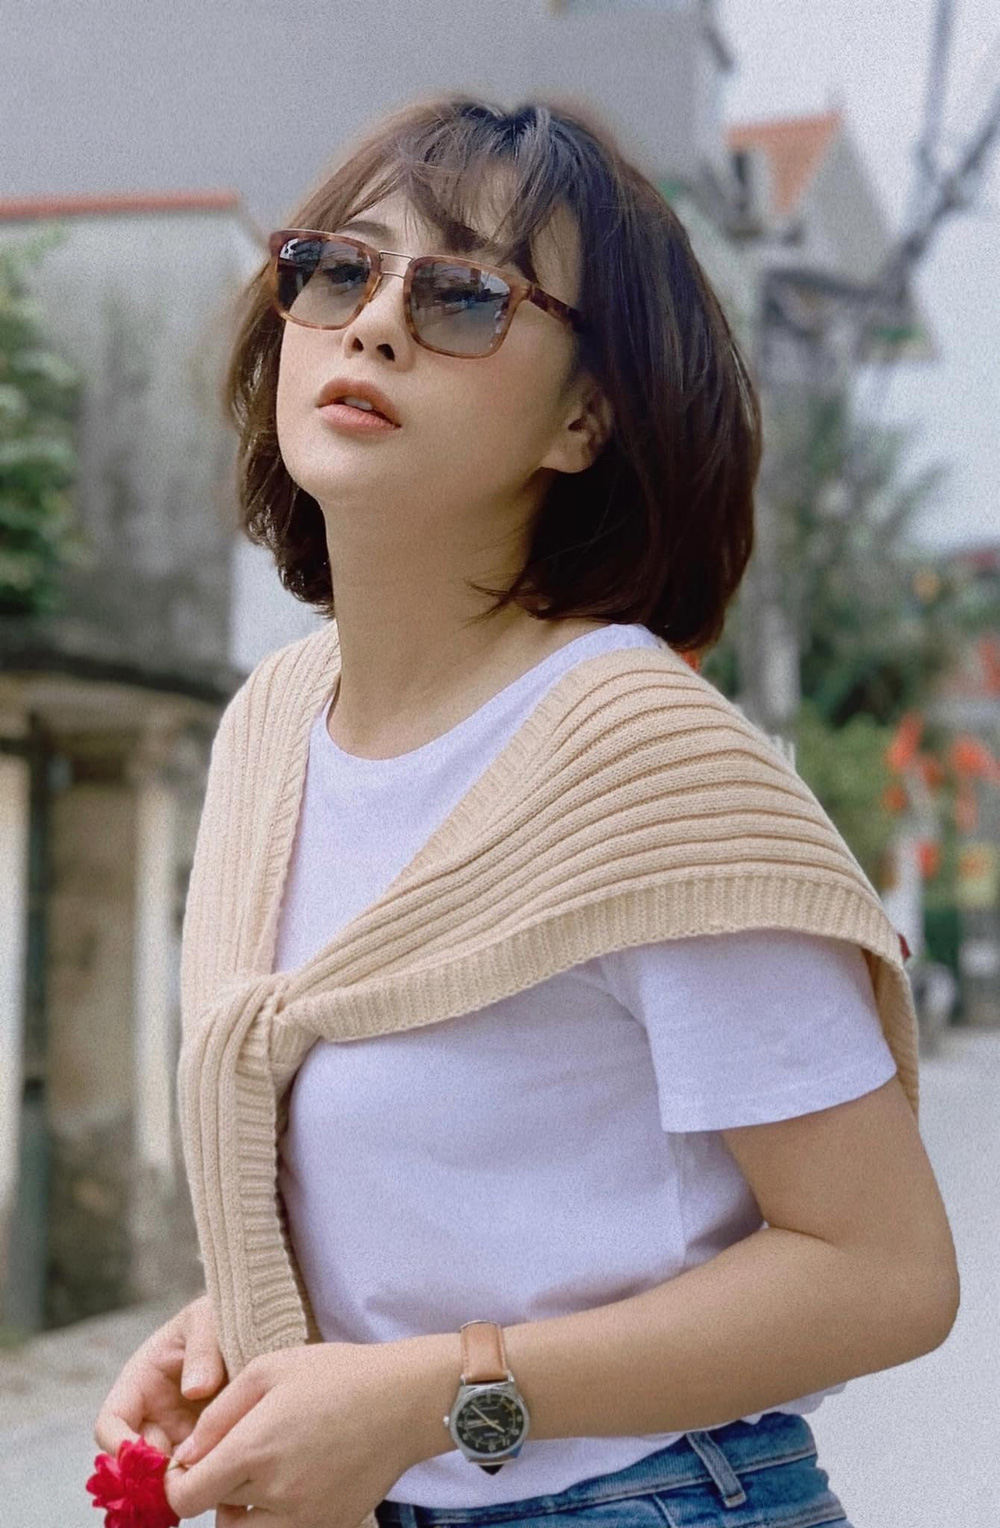 Dàn diễn viên Việt tuần qua: Quỳnh Kool hóa nữ sinh, Bảo Thanh hạ sinh con gái - Ảnh 3.